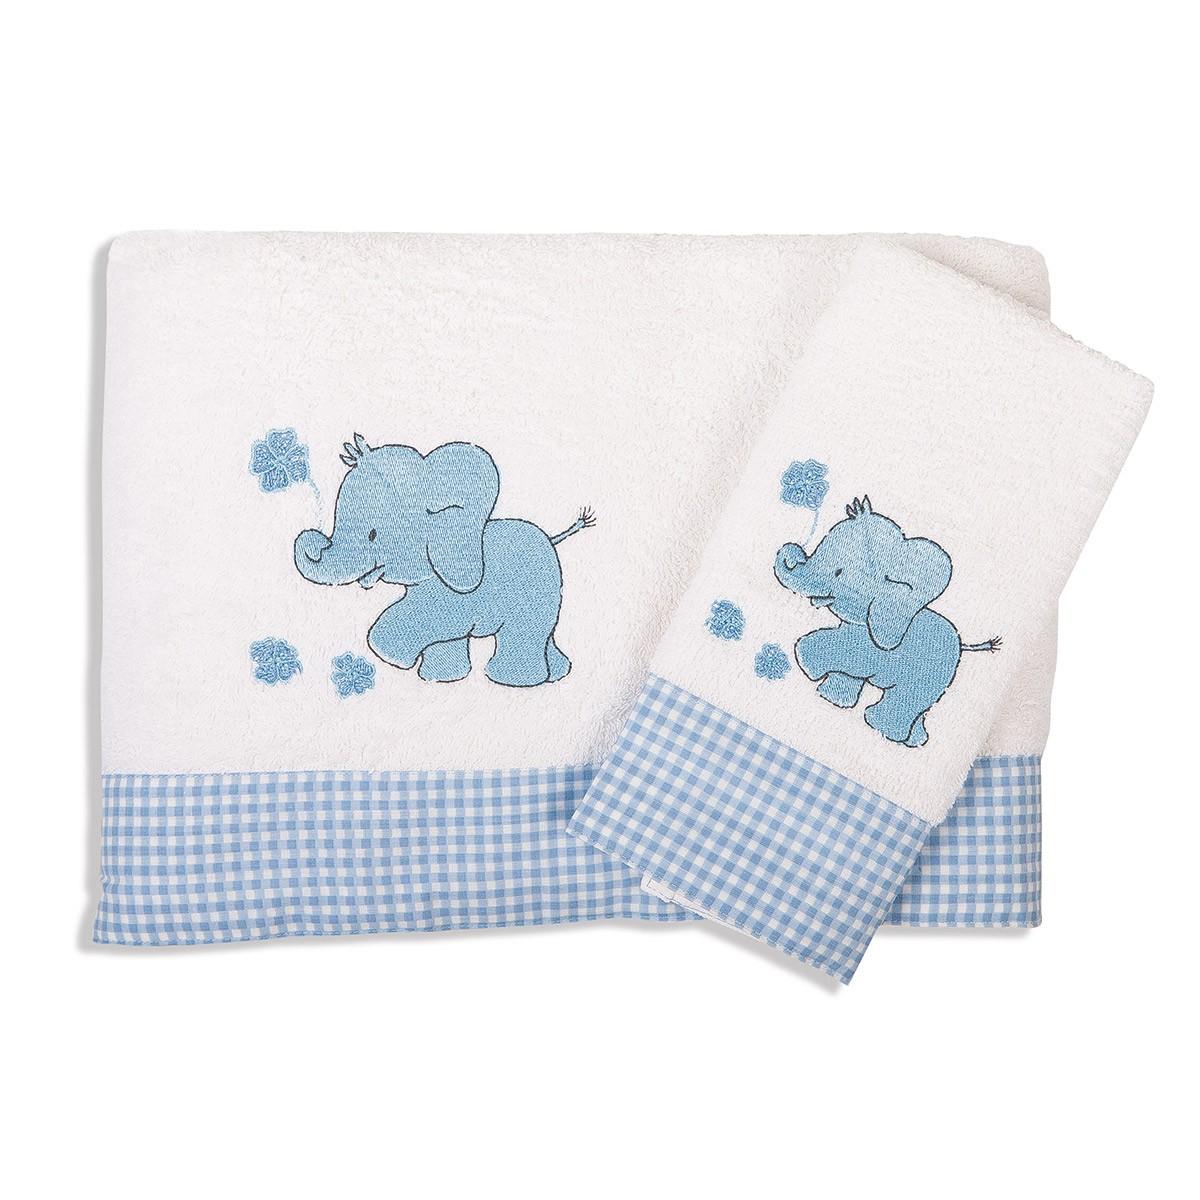 Βρεφικές Πετσέτες (Σετ 2τμχ) Dim Collection Ελεφαντάκι 18 home   βρεφικά   πετσέτες βρεφικές